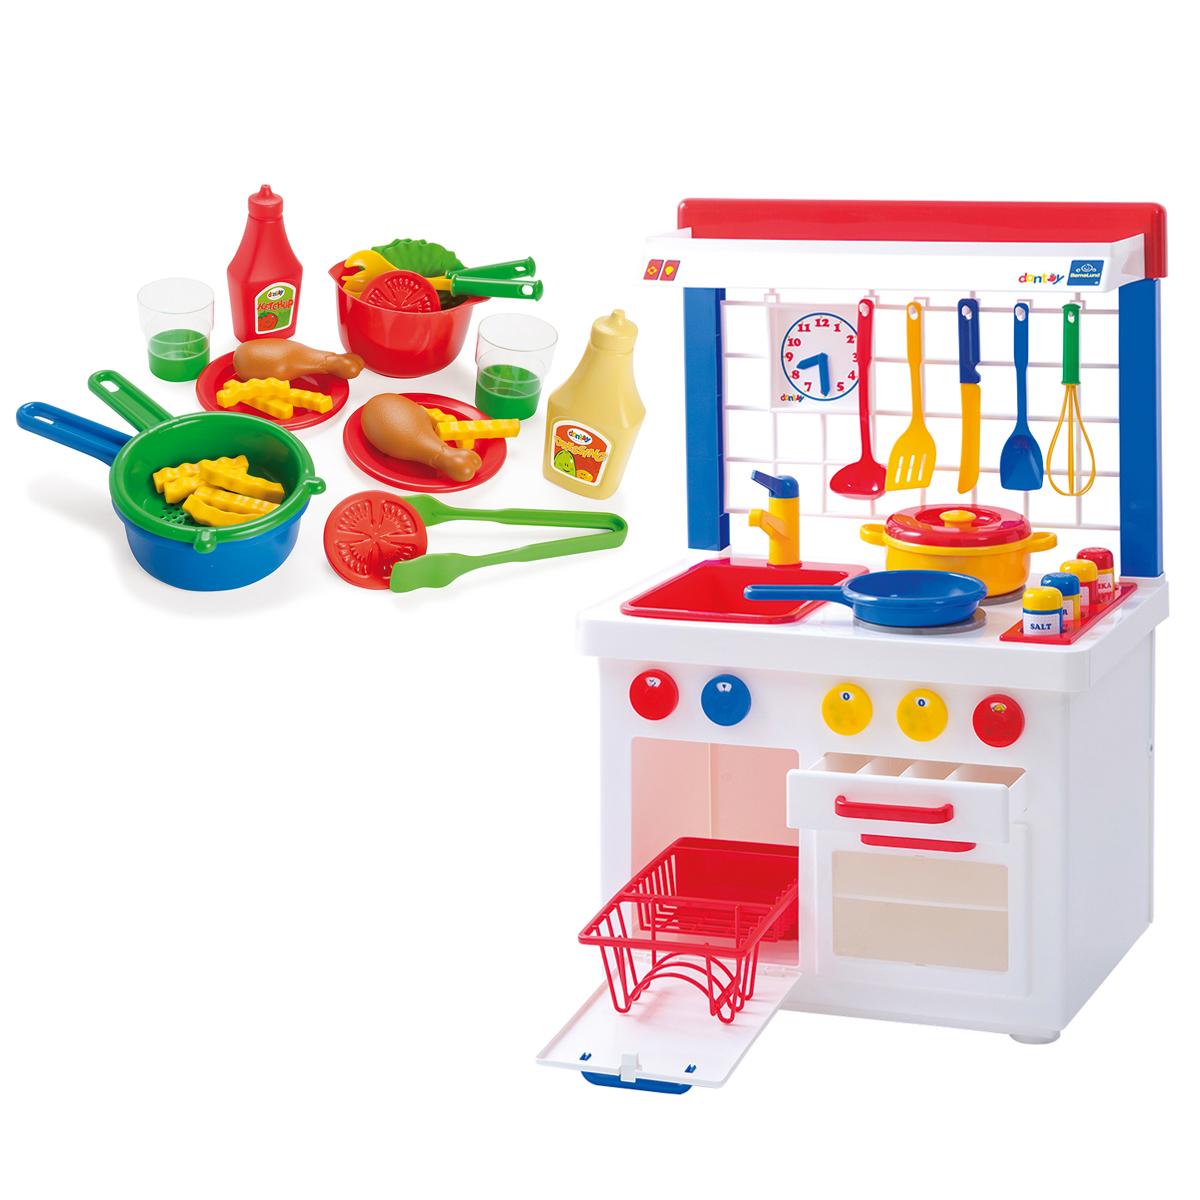 キッチンセンター特別価格セット完売のお知らせ